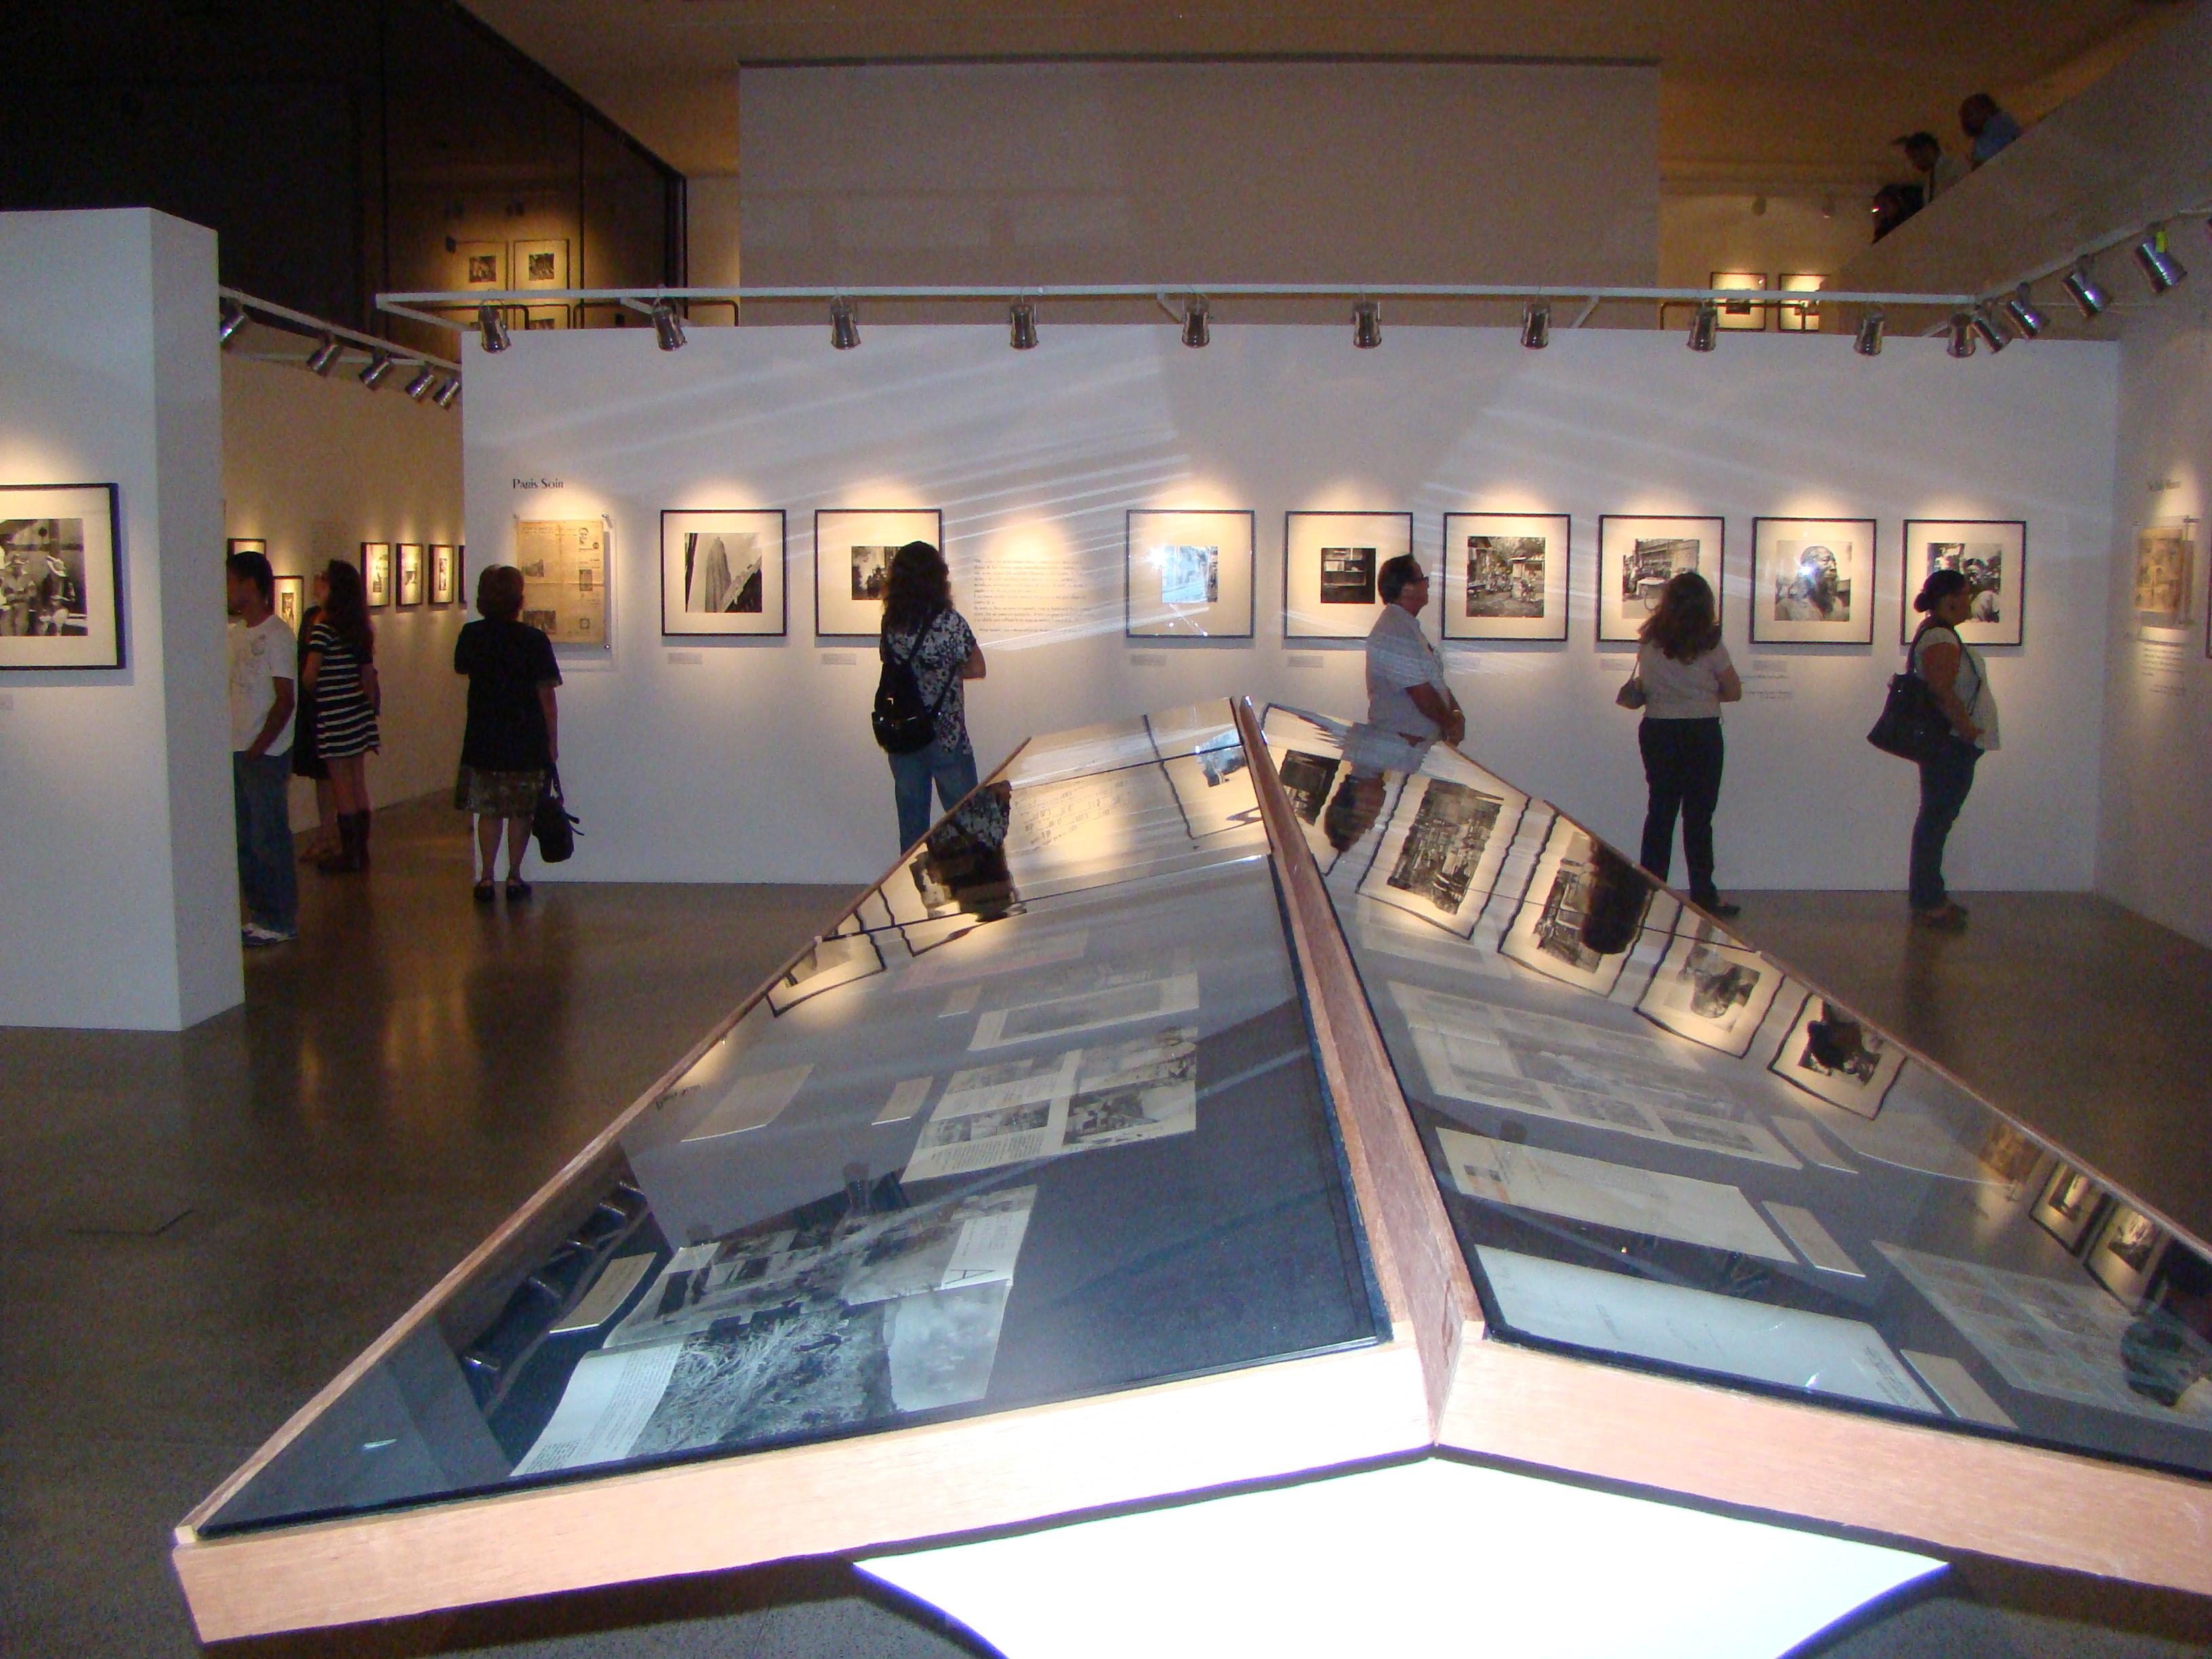 Abertura da mostra Verger anos 30 no Palacete das Artes. Crédito da Foto: Genilson Coutinho - Divulgação